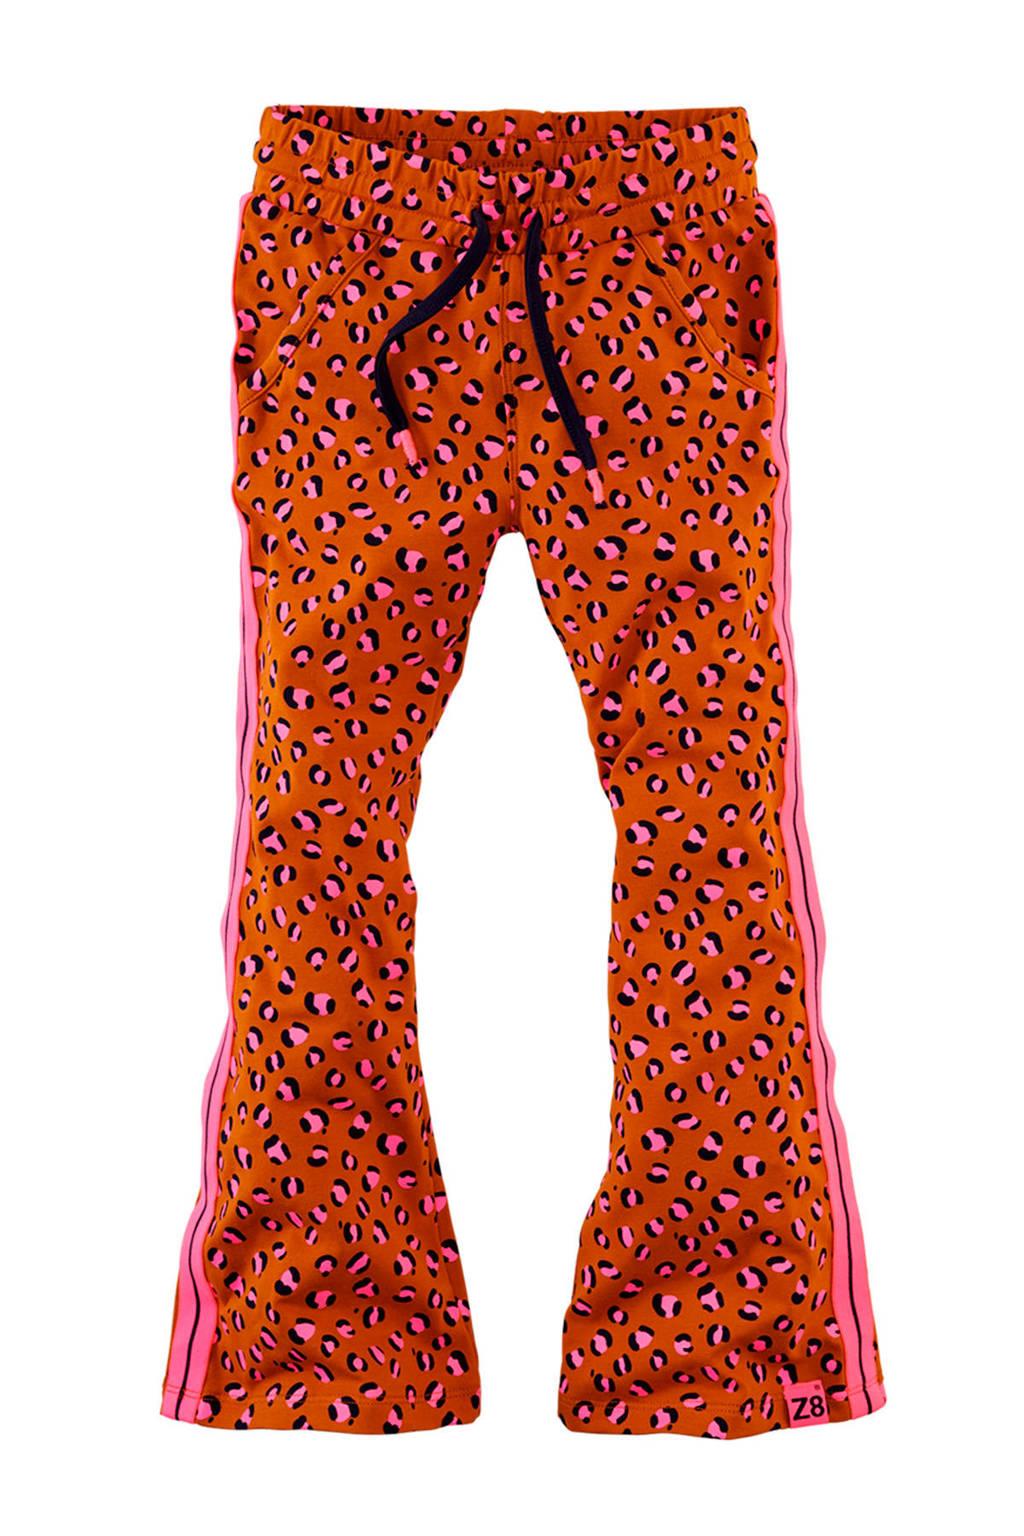 Z8 flared broek Kee met panterprint en borduursels donker oranje/lichtroze/zwart, Donker oranje/lichtroze/zwart